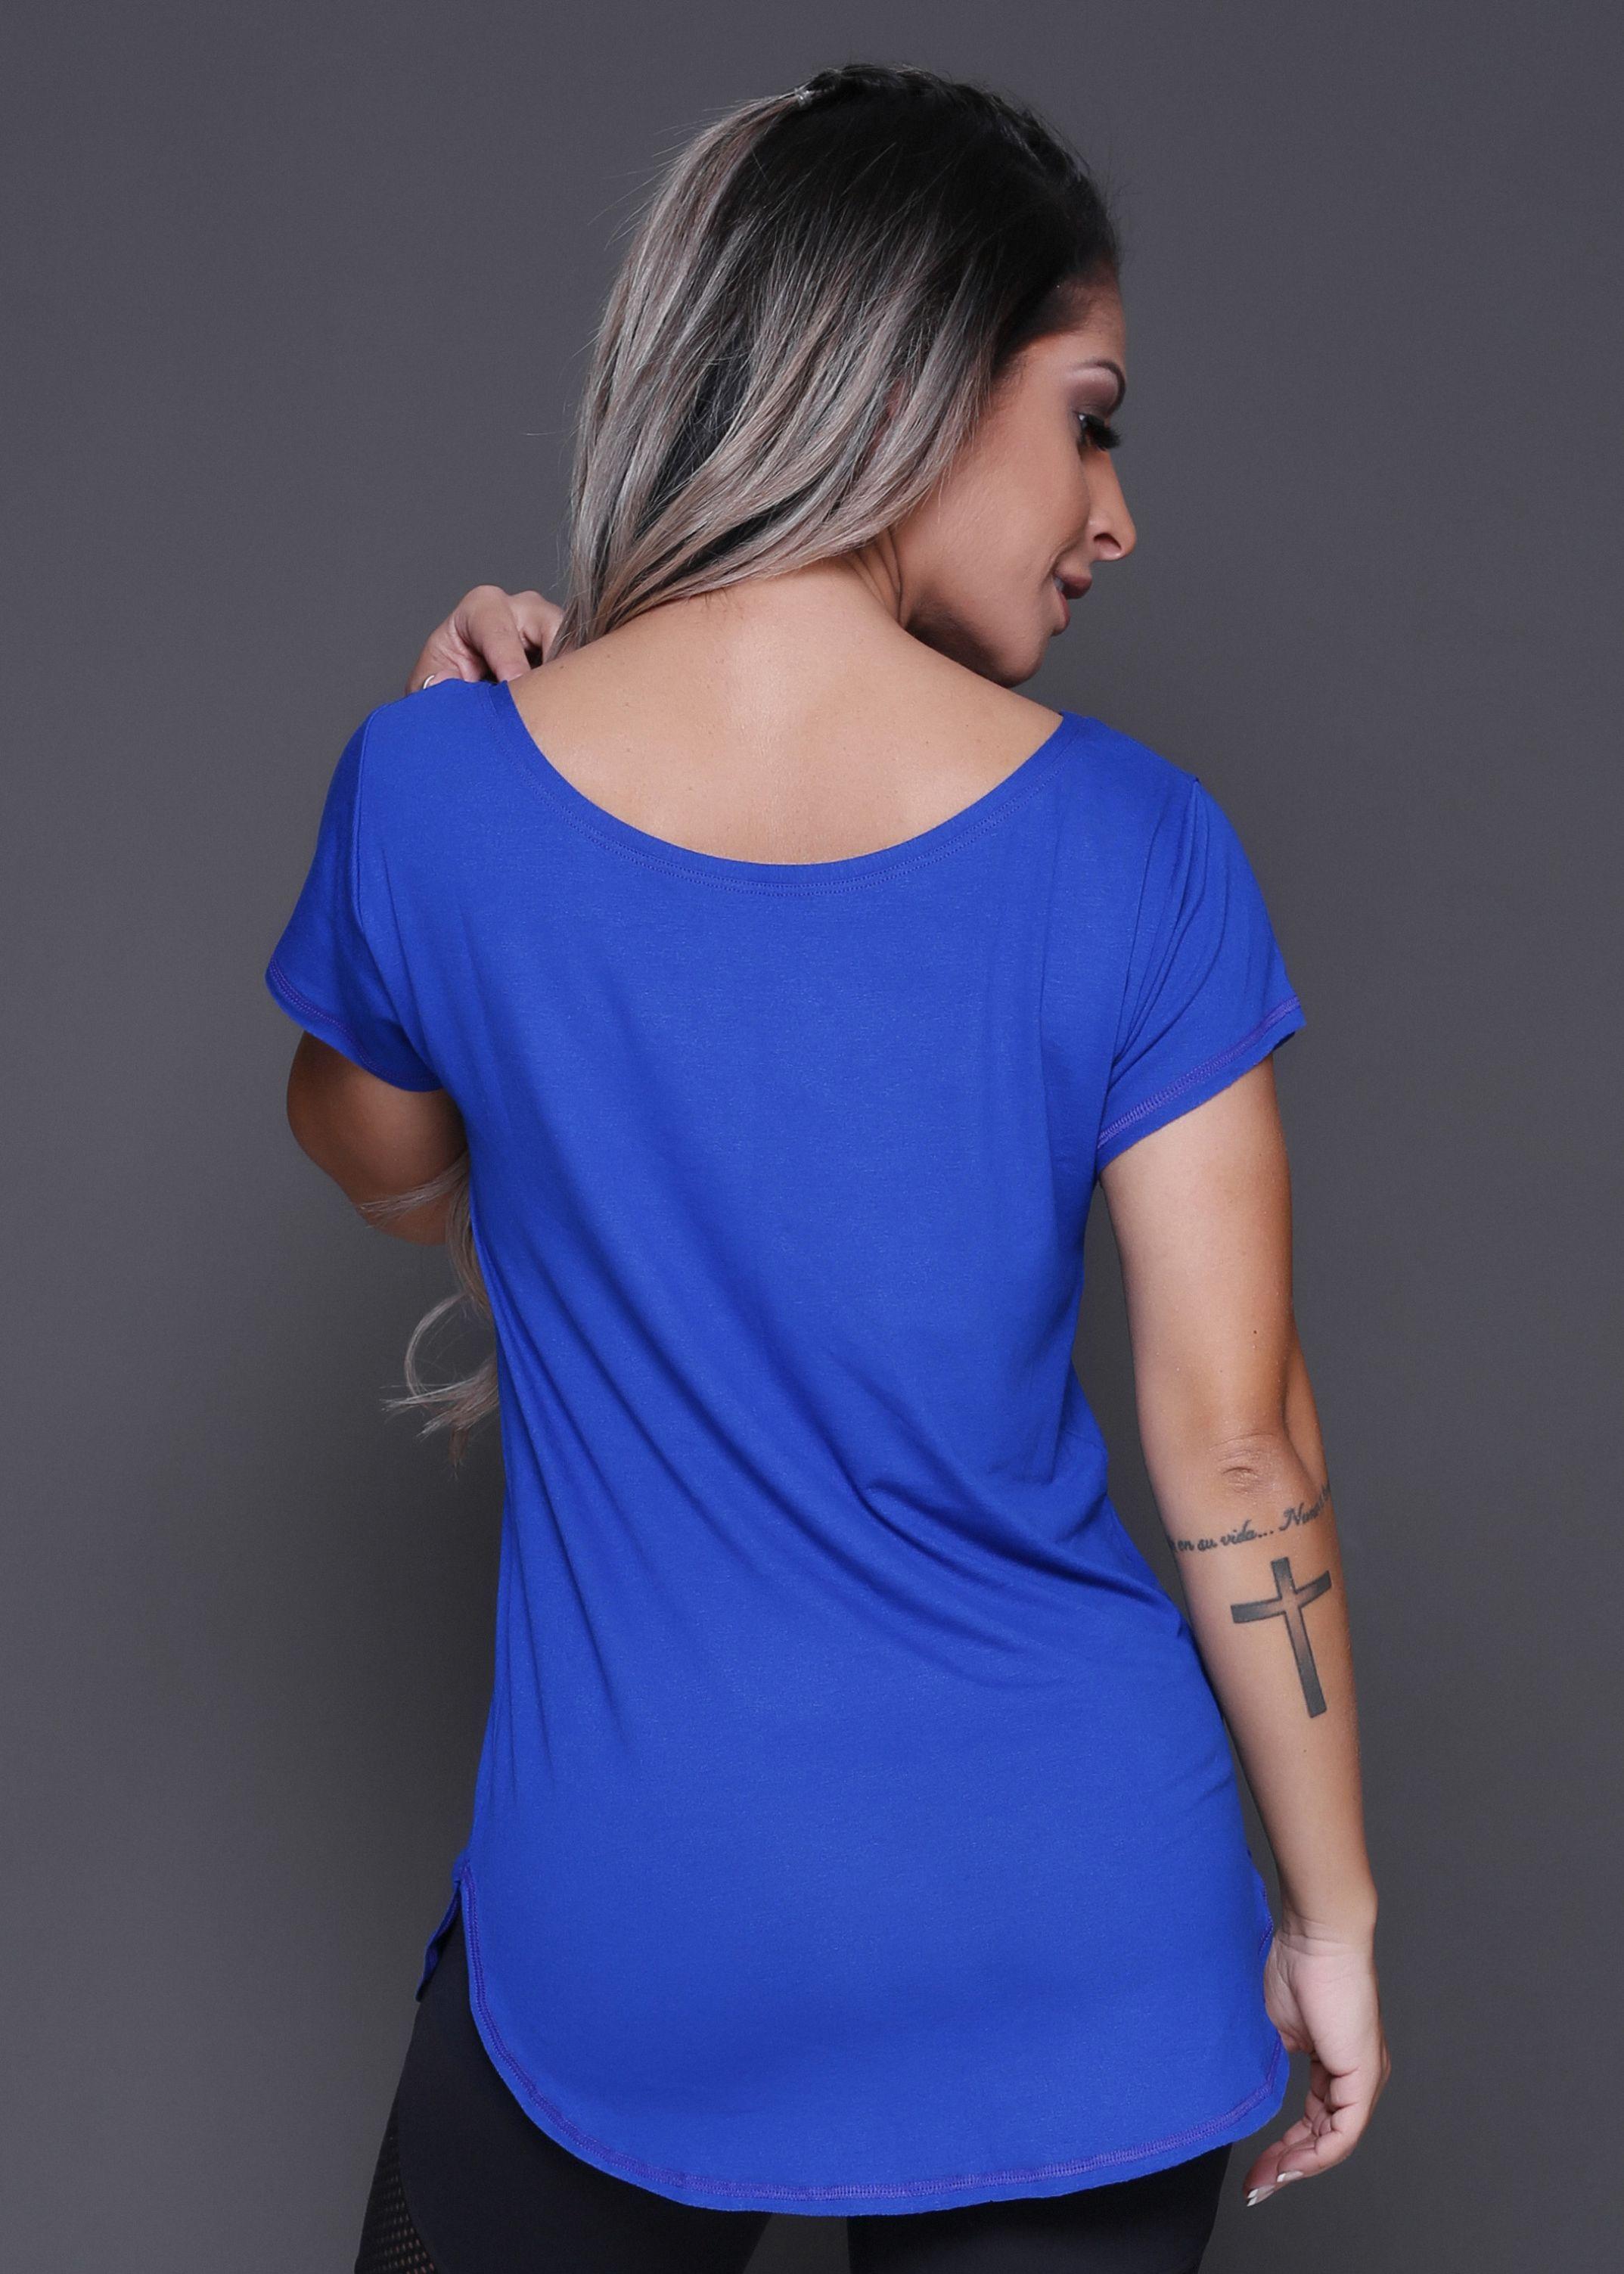 ... Moda Fitness · Camiseta   Regata  Camiseta Moving Now. 94% vistcose. 6%  elastano. 1 bc91562c1ed